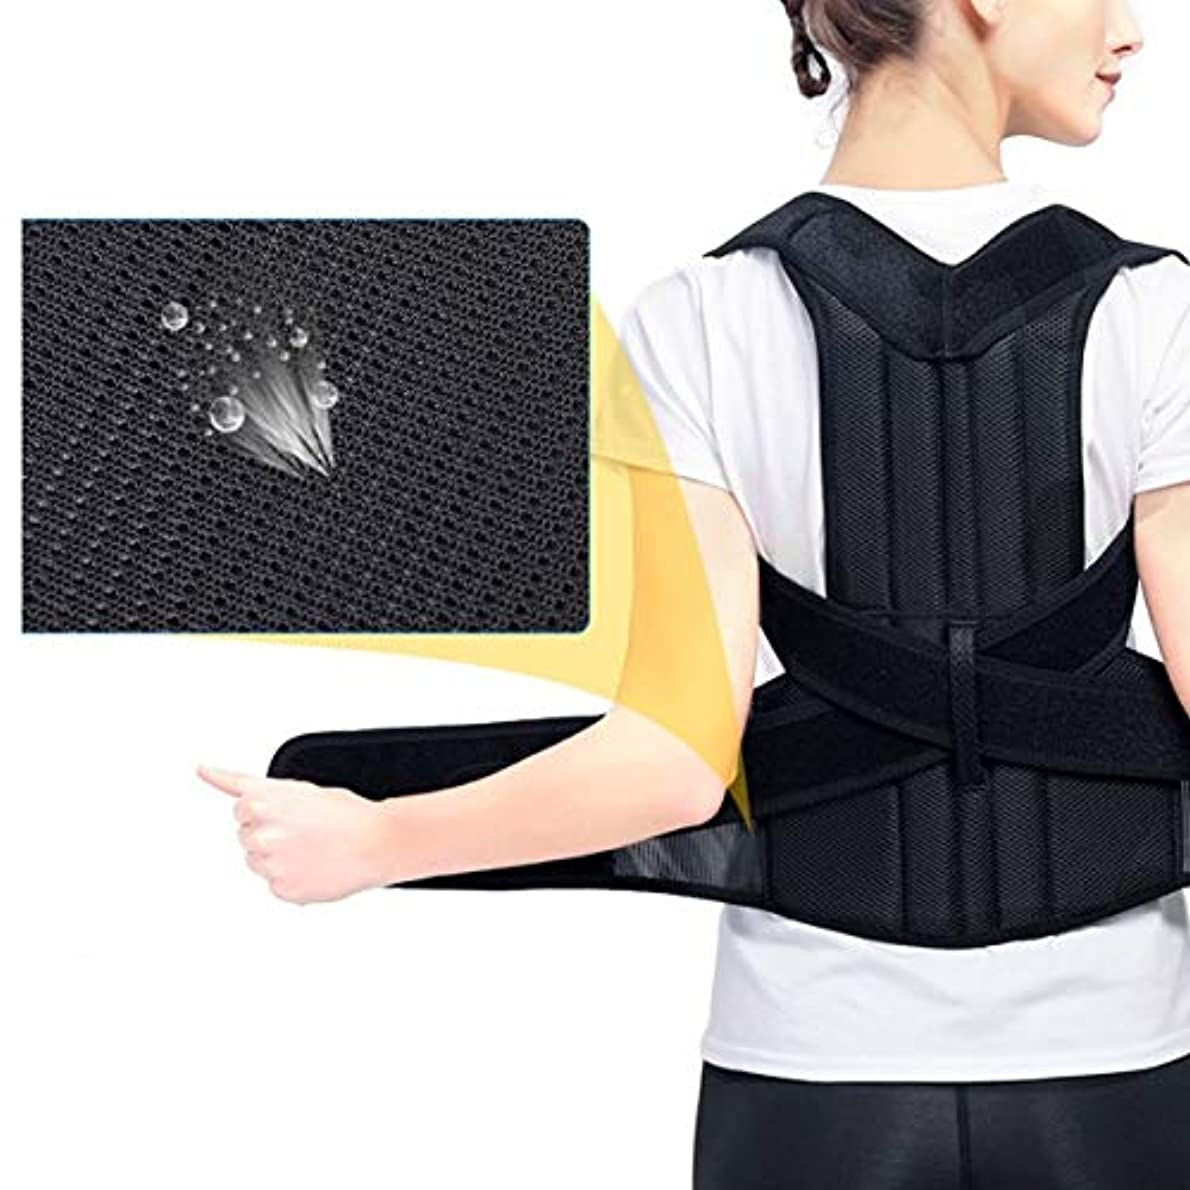 背の高いタッチ酸化物腰椎矯正バックブレース背骨装具側弯症腰椎サポート脊椎湾曲装具固定用姿勢 - 黒